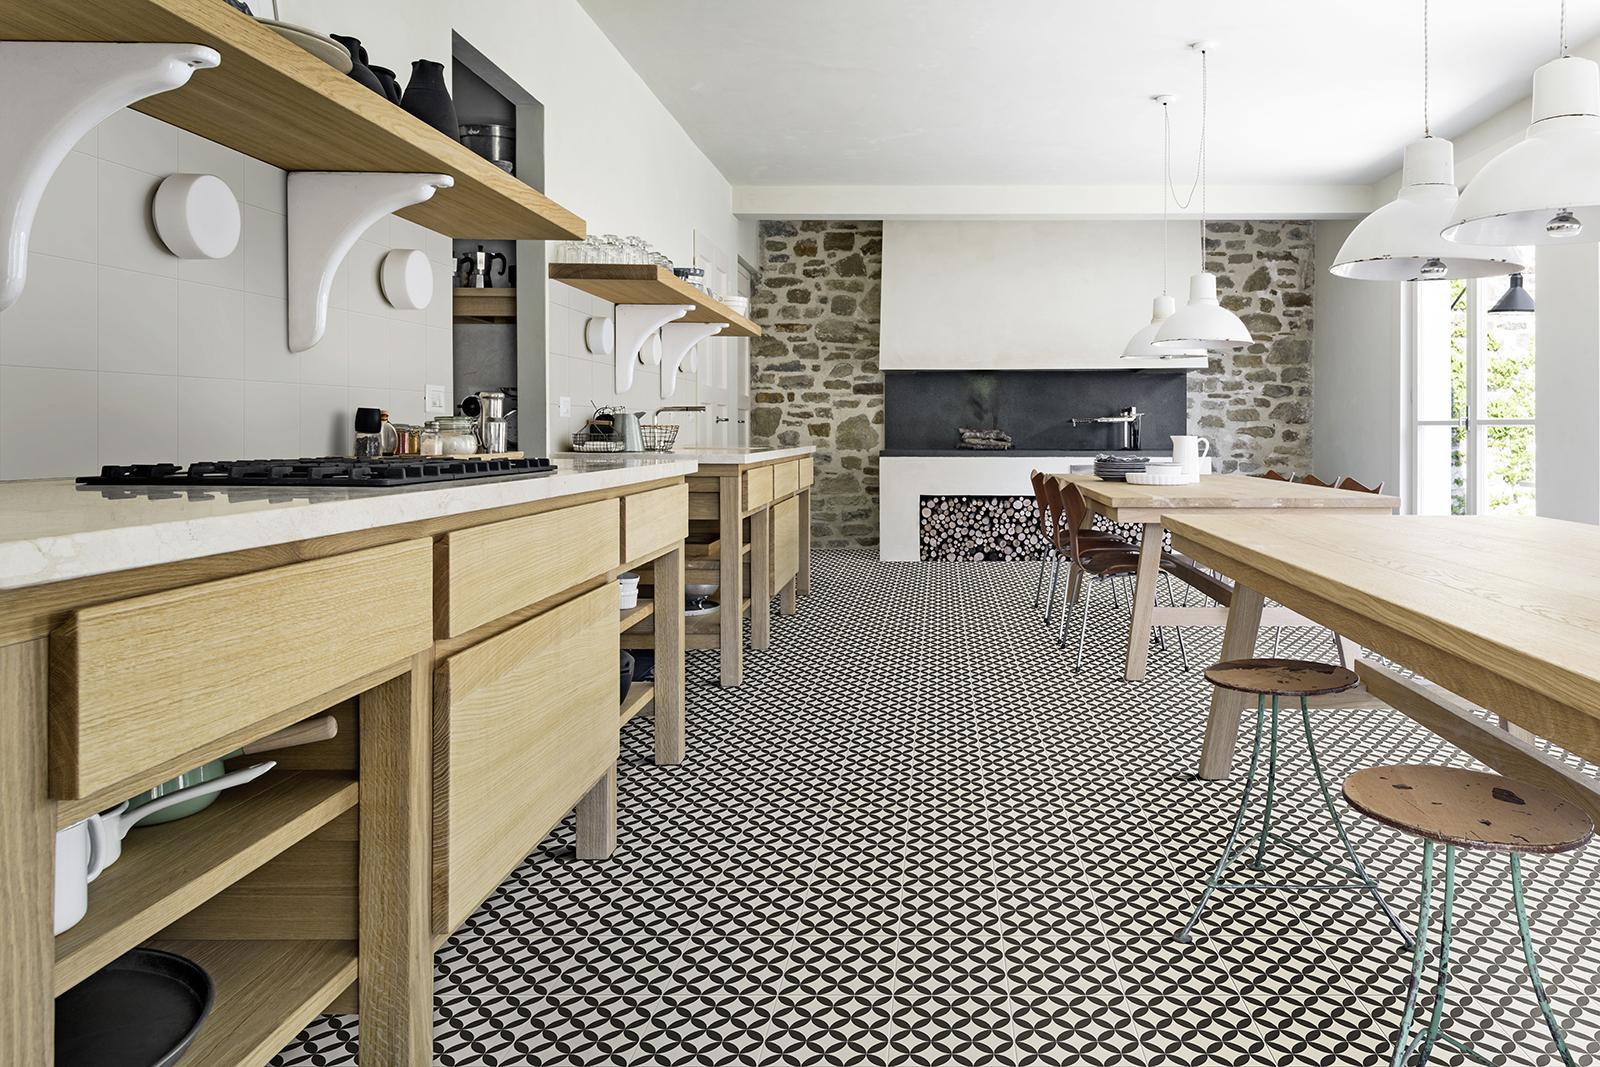 Full Size of Fliesen Für Küche Groß Fliesen Betonoptik Küche Küche Vinylboden Küche